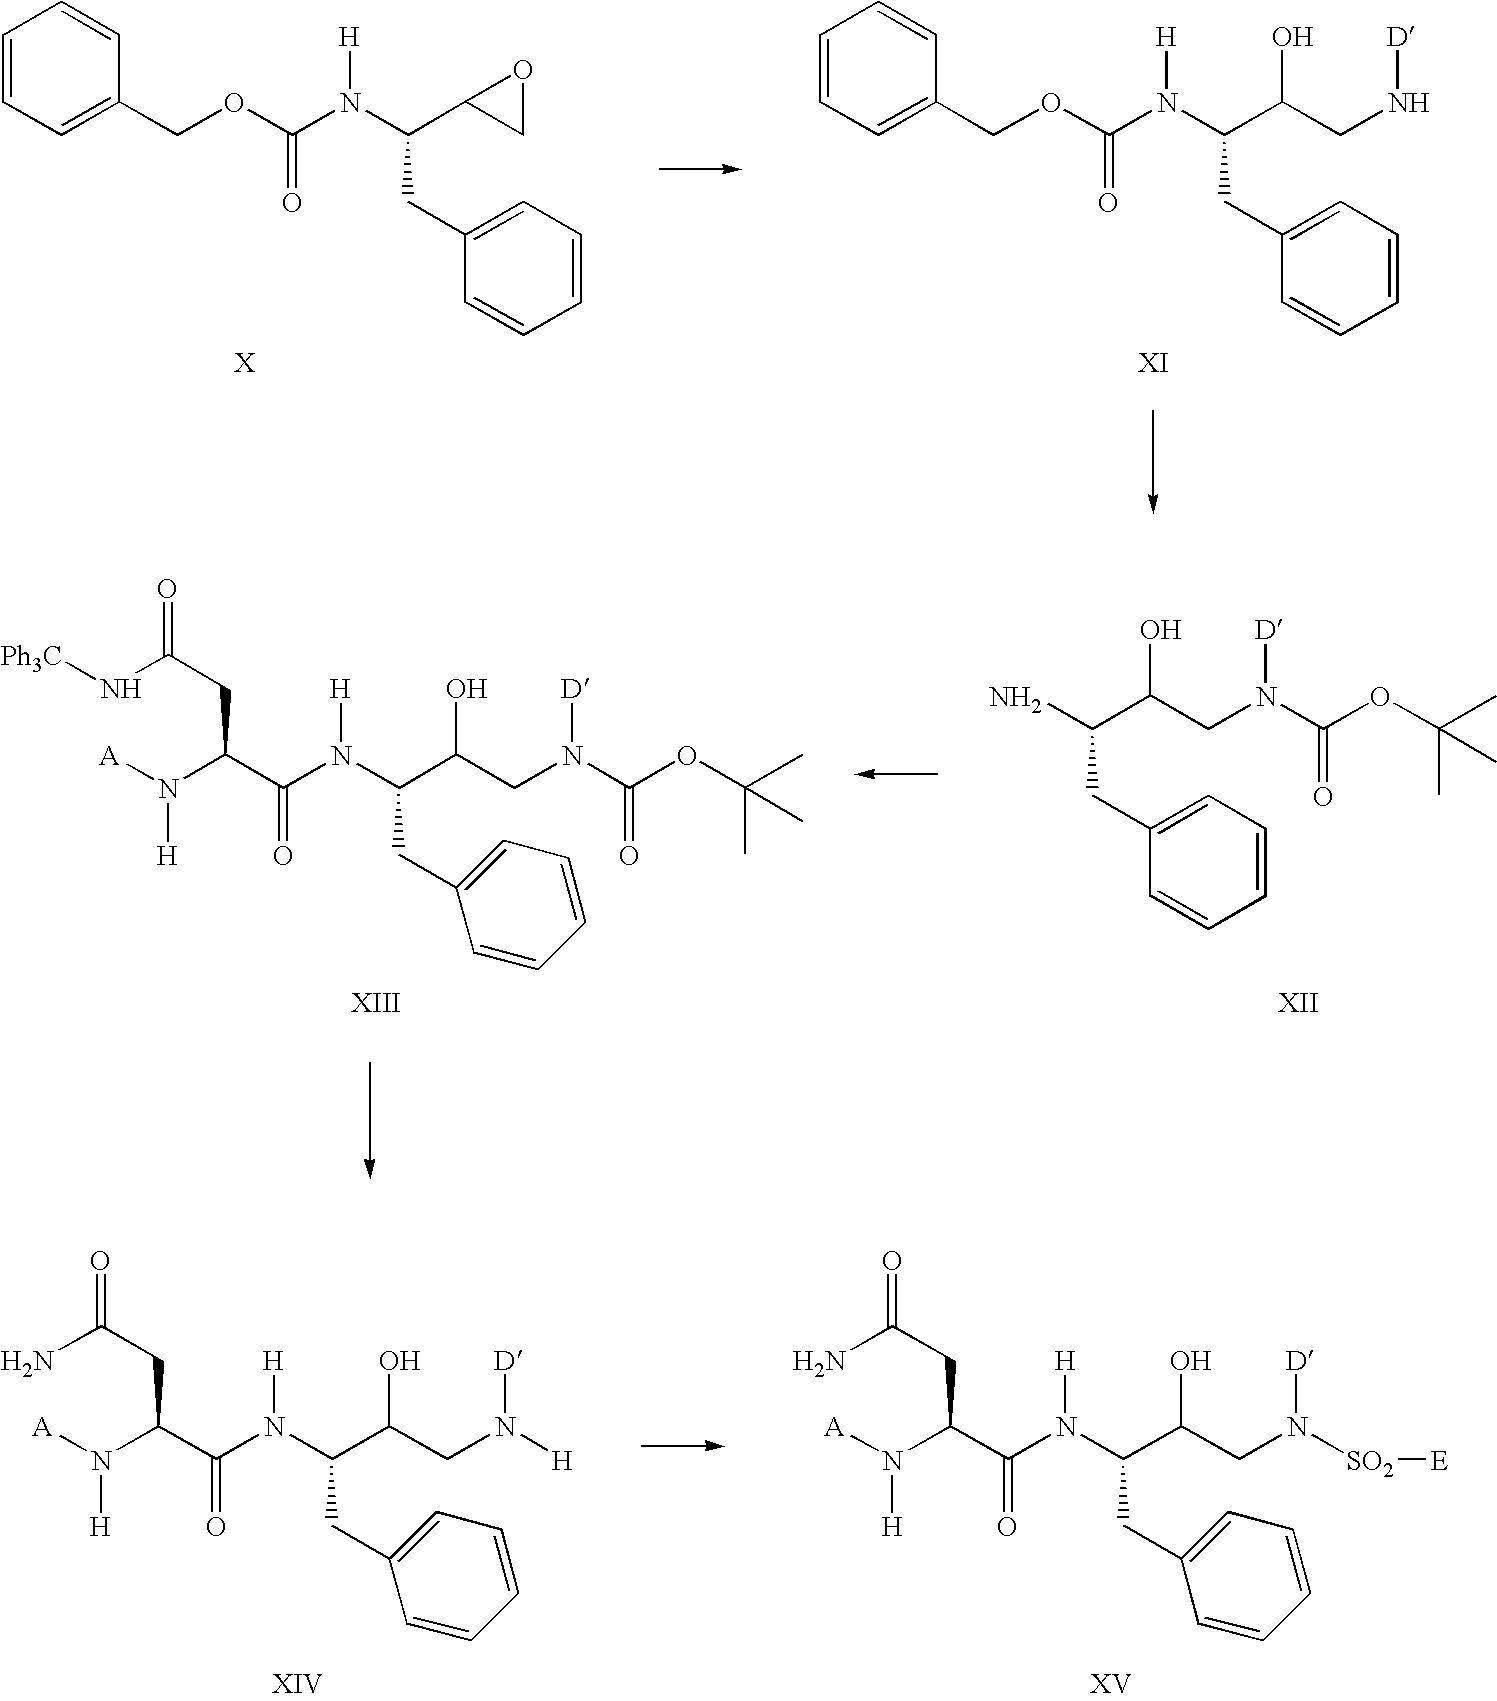 Figure US20040167116A1-20040826-C00651